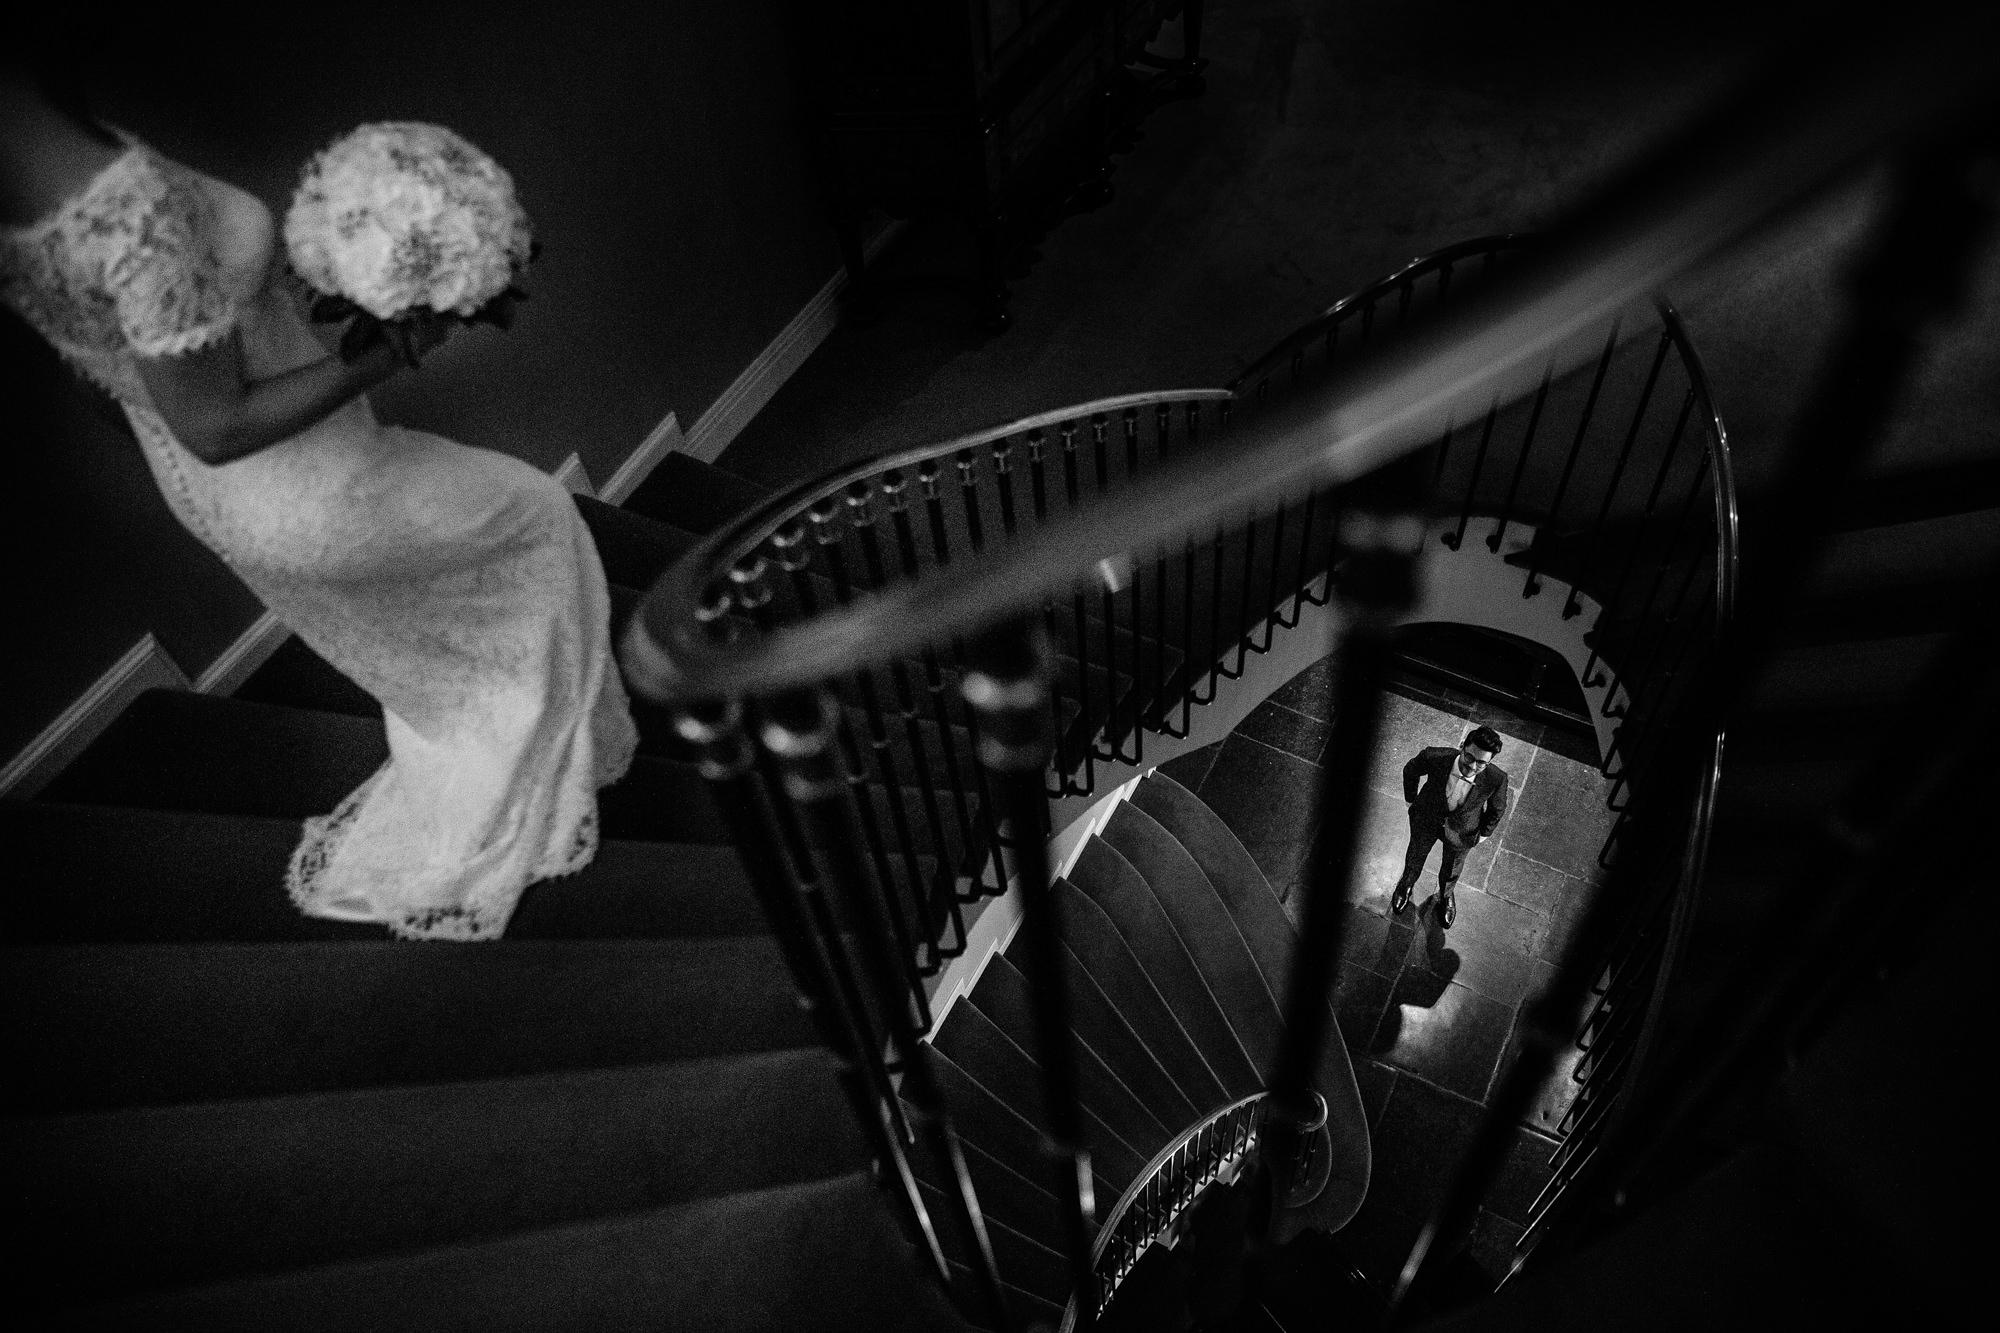 First look bride descends stairs to groom Yves Schepers Belgium wedding photographers